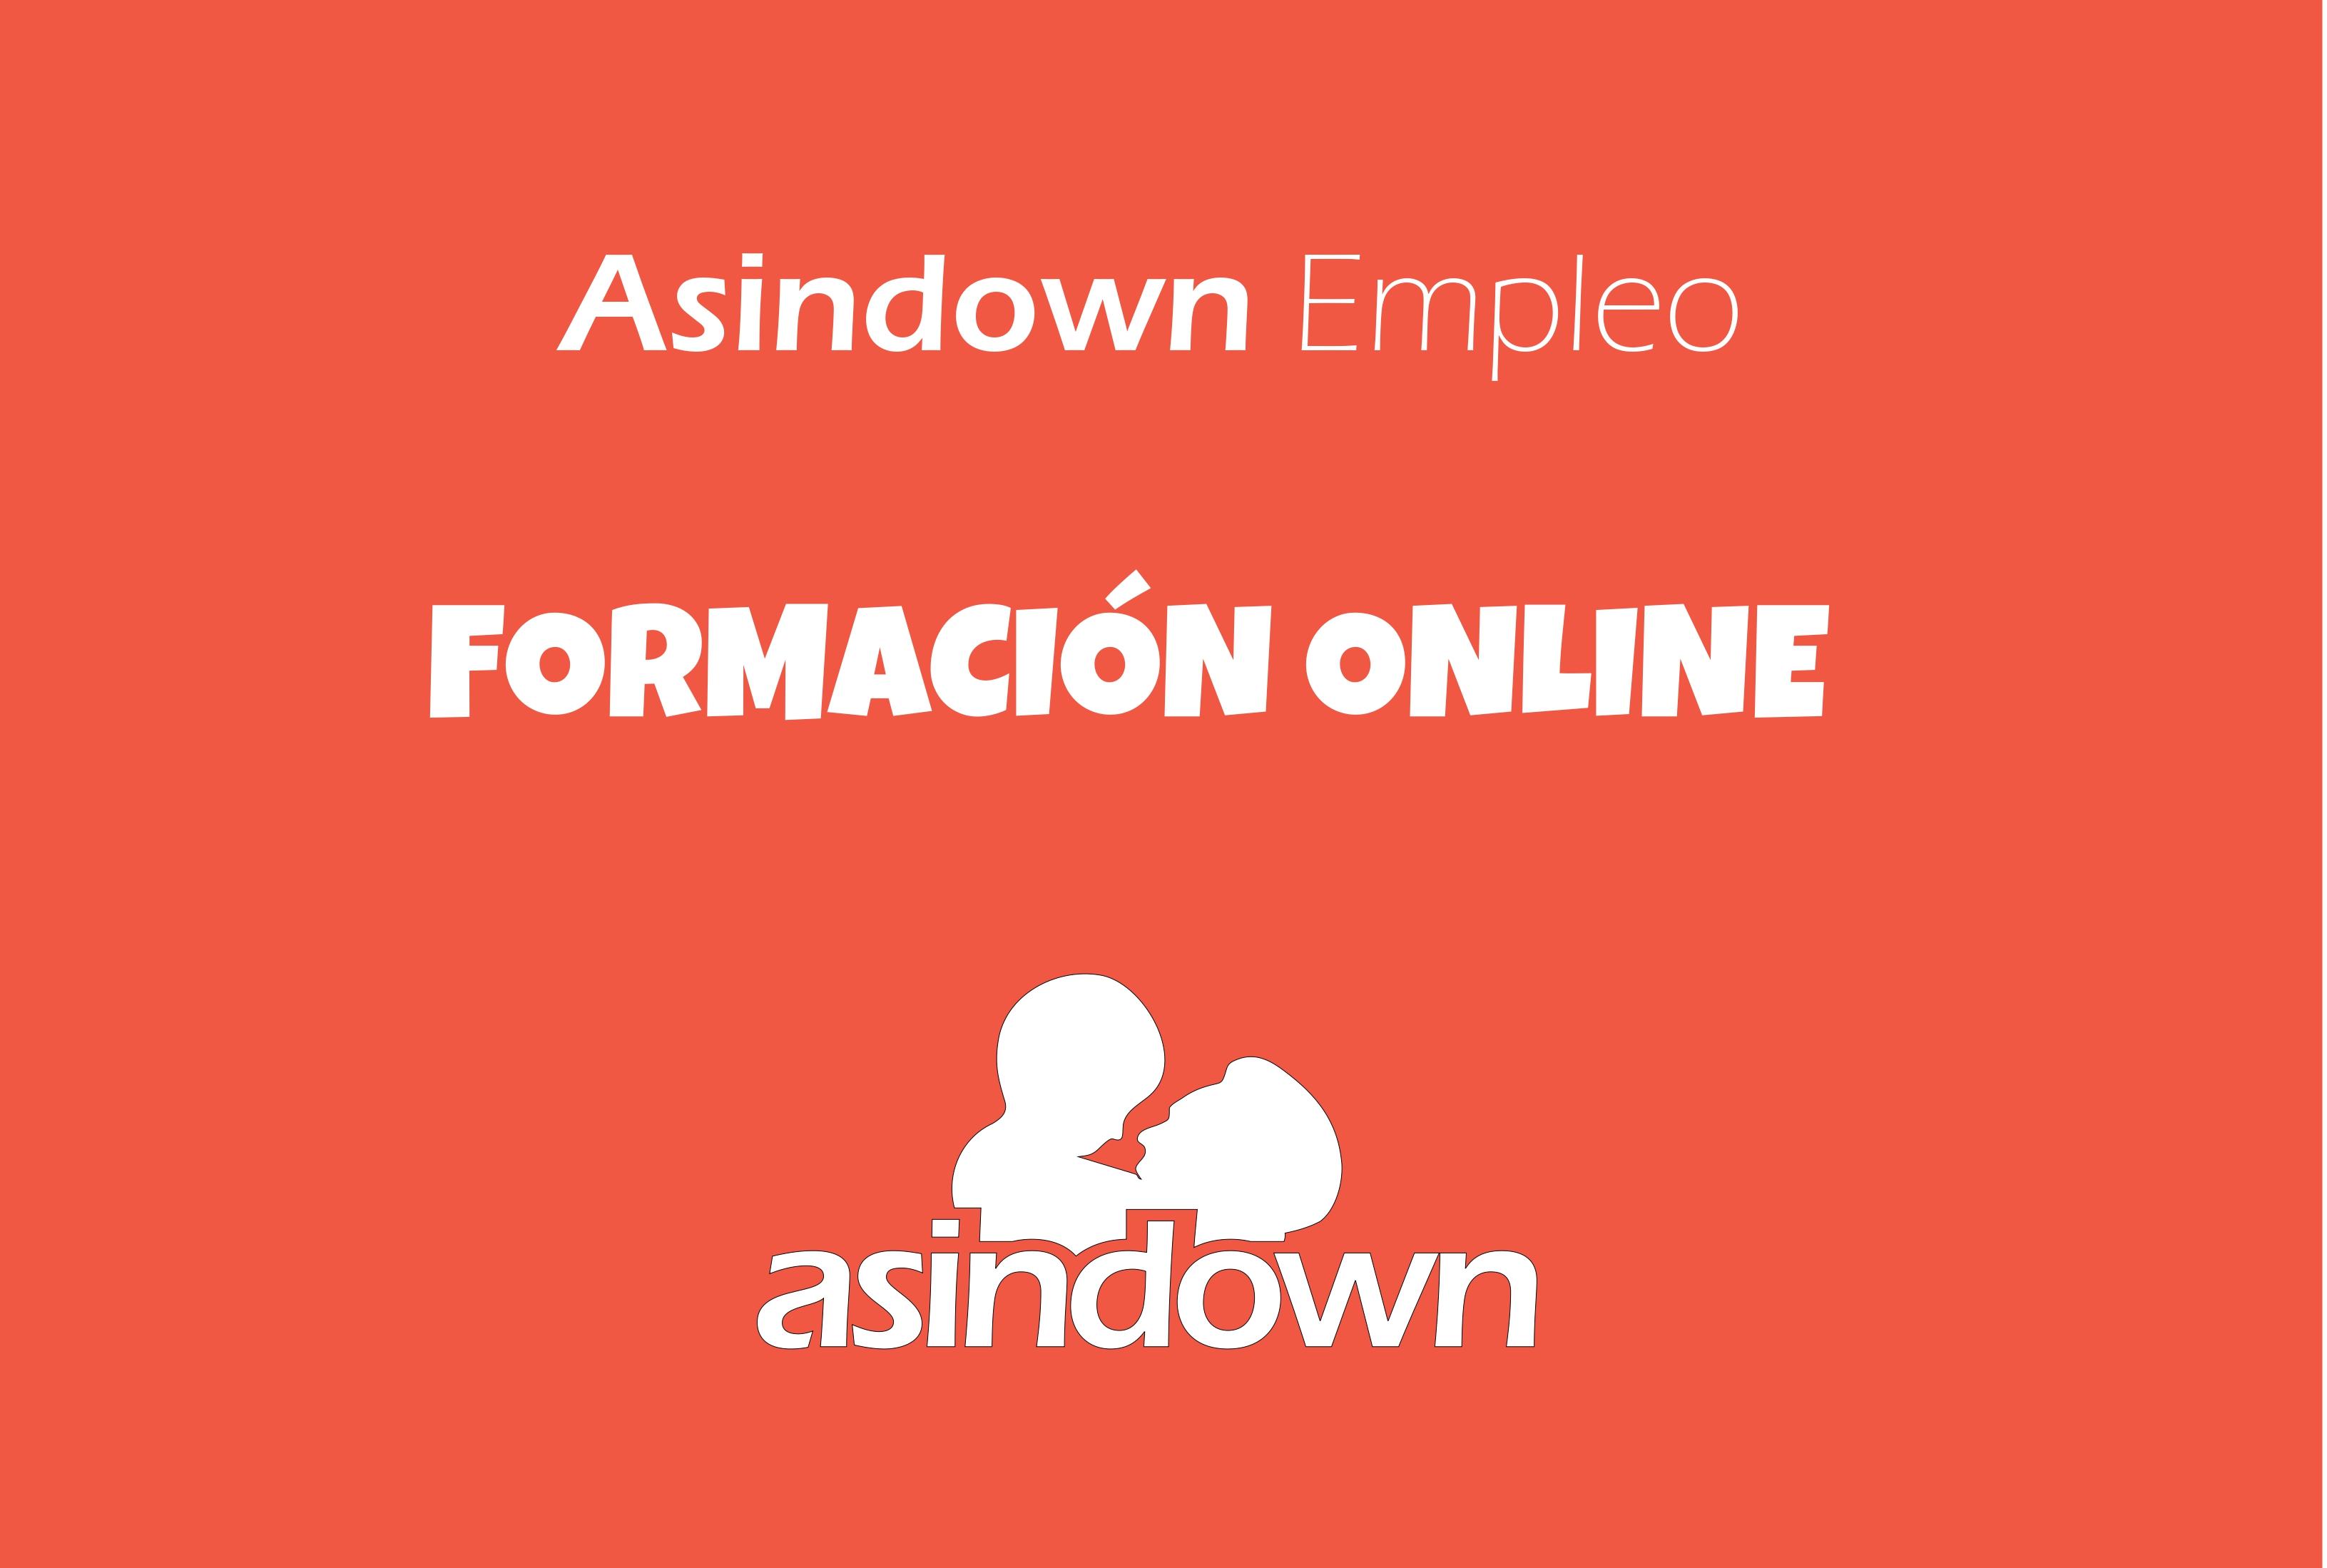 ASINDOWN EMPLEO. ATENCIÓN A FAMILIAS Y PERSONAS USUARIAS